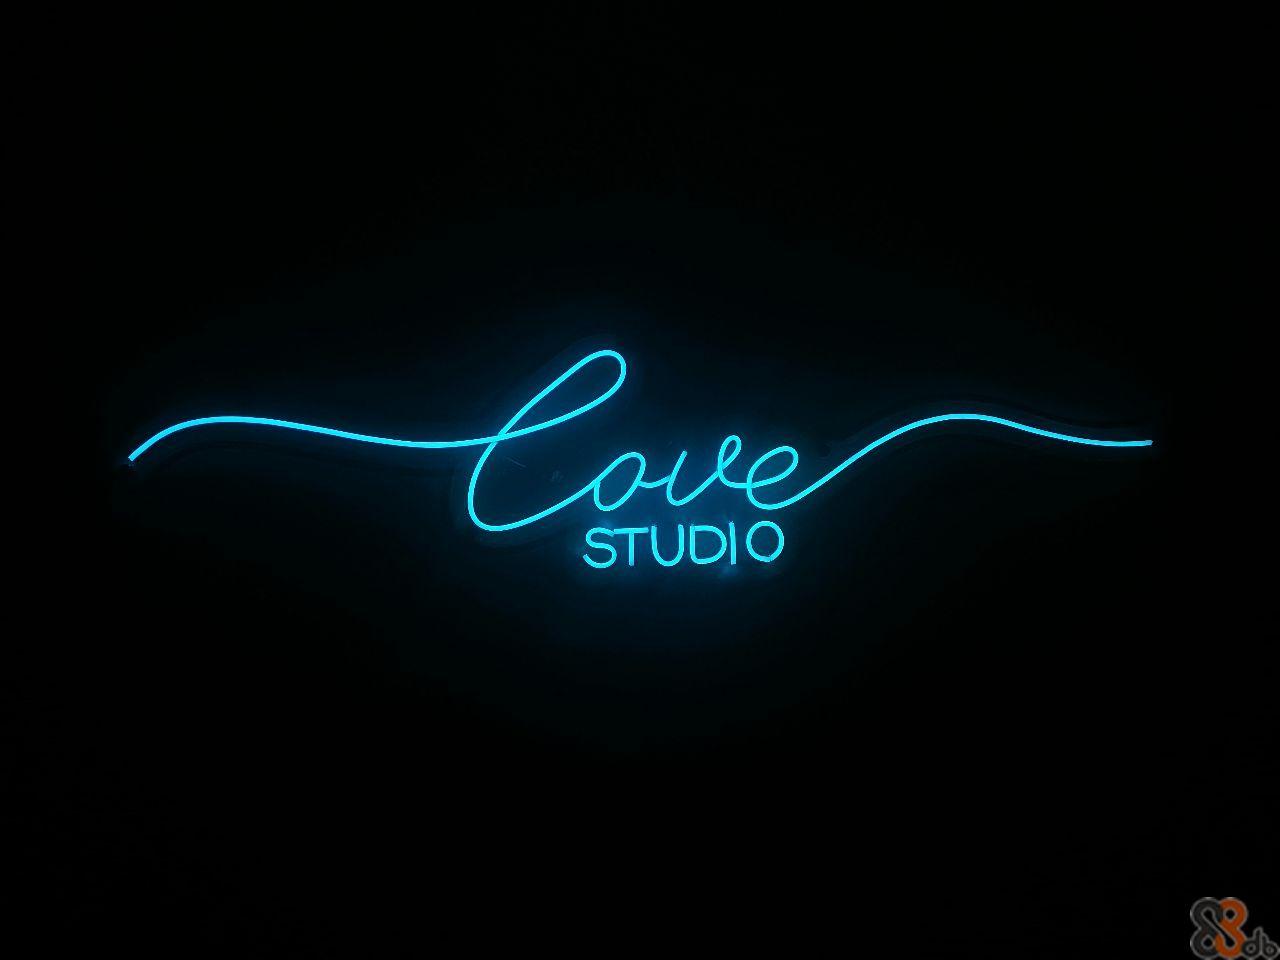 Caste ore STUDIO  Light,Neon,Neon sign,Font,Electric blue